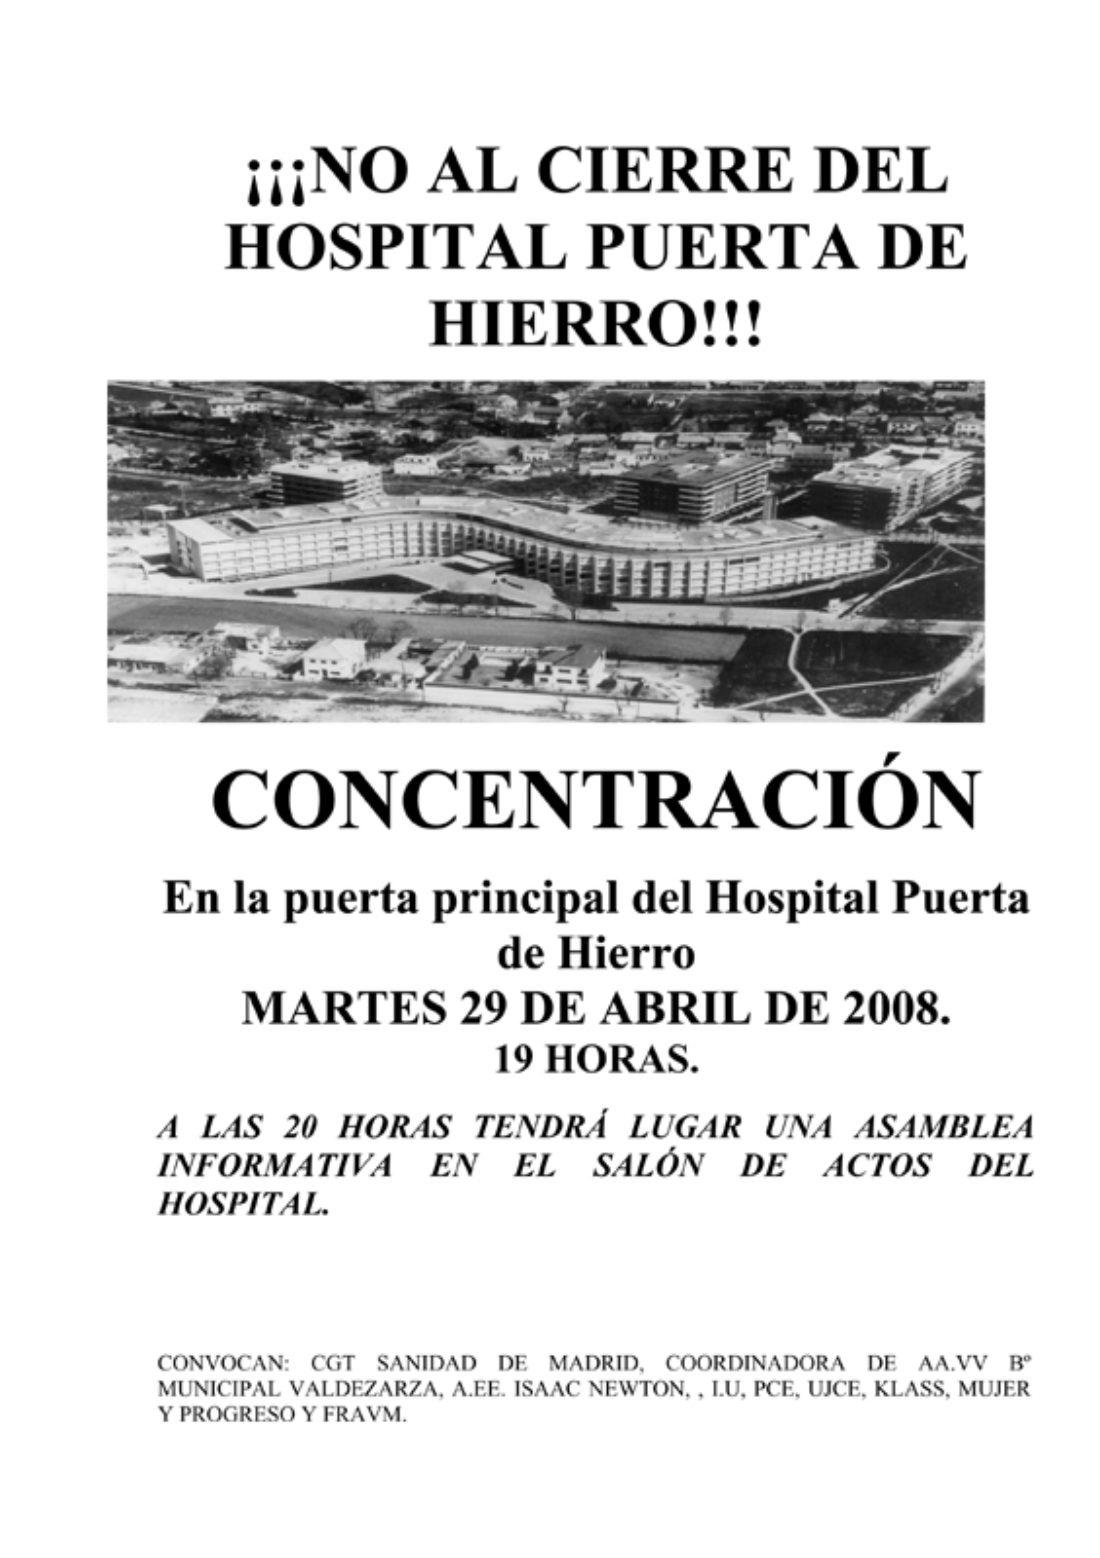 Madrid: concentración contra el cierre del hospital Puerta de Hierro